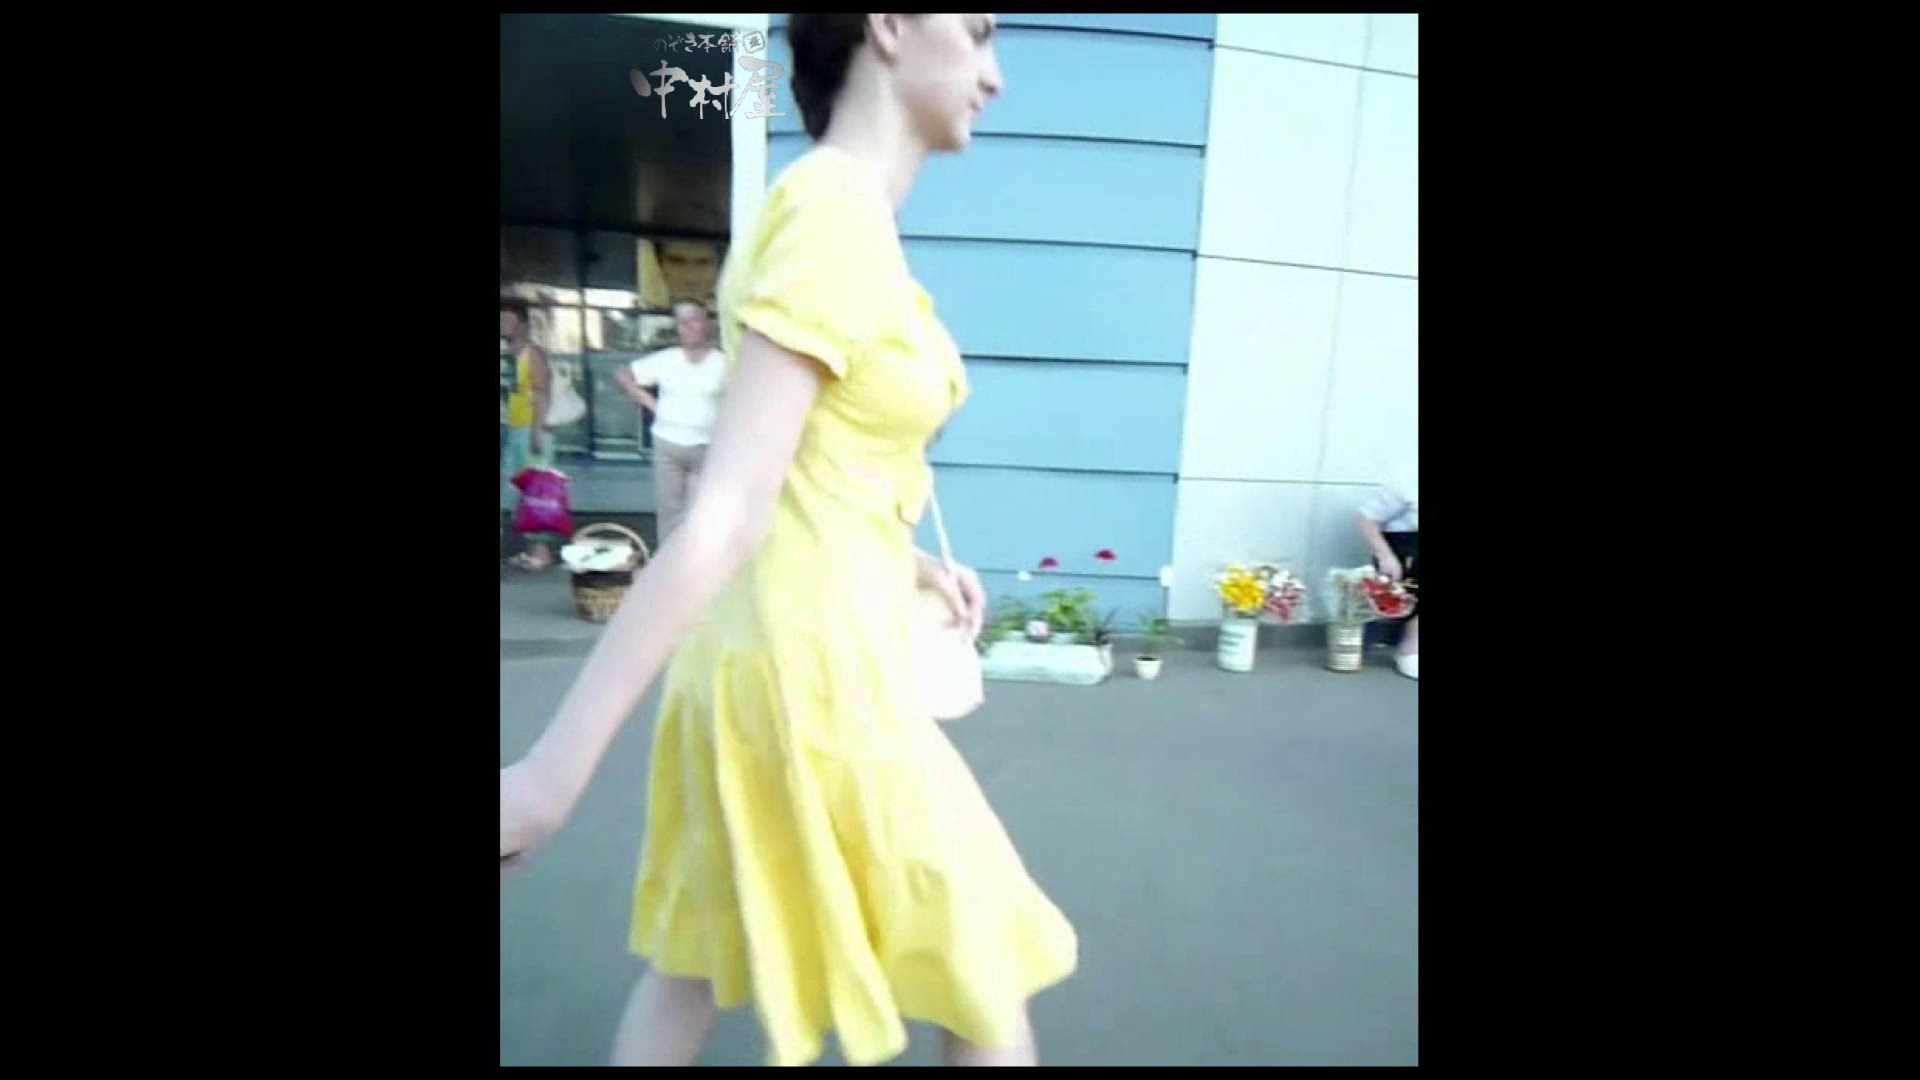 綺麗なモデルさんのスカート捲っちゃおう‼ vol30 0  105pic 60